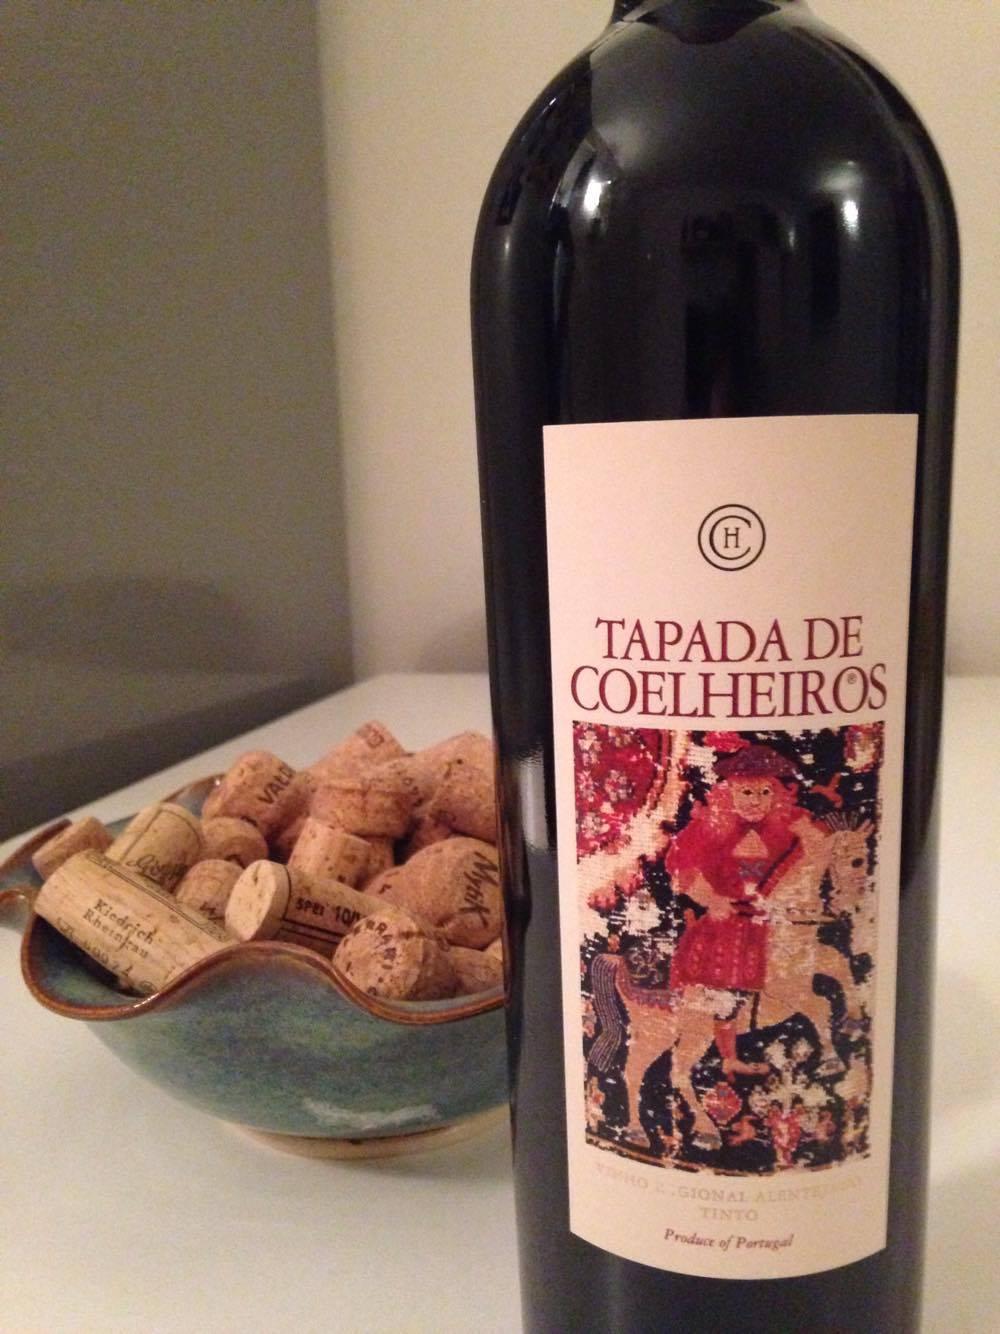 Tapada de Coelheiros Alentejano wine from Portugal